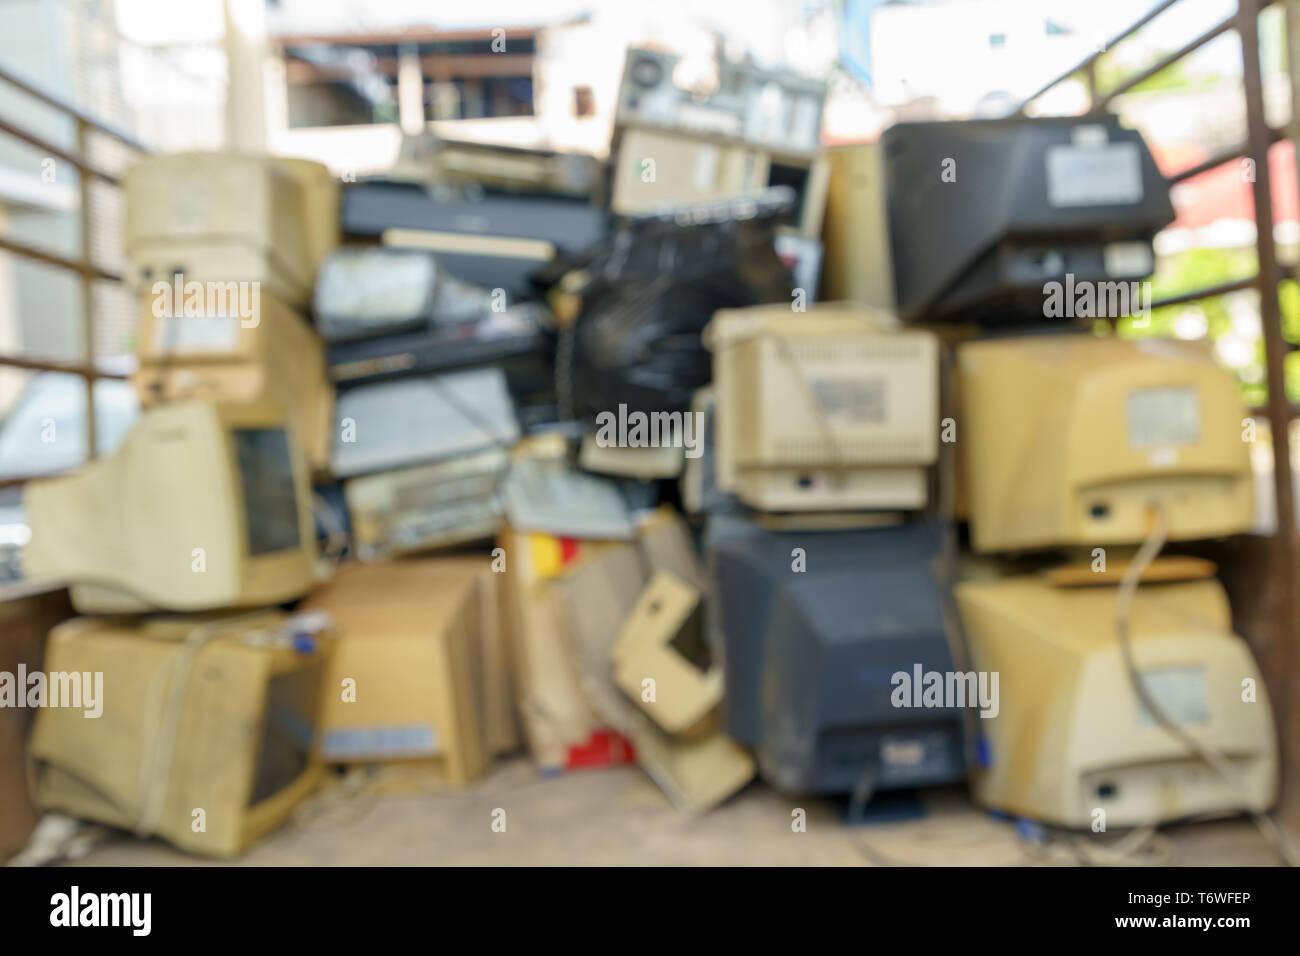 Desenfoque abstracto pila de desechos electrónicos juntos, monitor, impresora, fax para PC de escritorio, a la espera de ser reciclados. Fabricados en plástico, cobre, vidrio Imagen De Stock